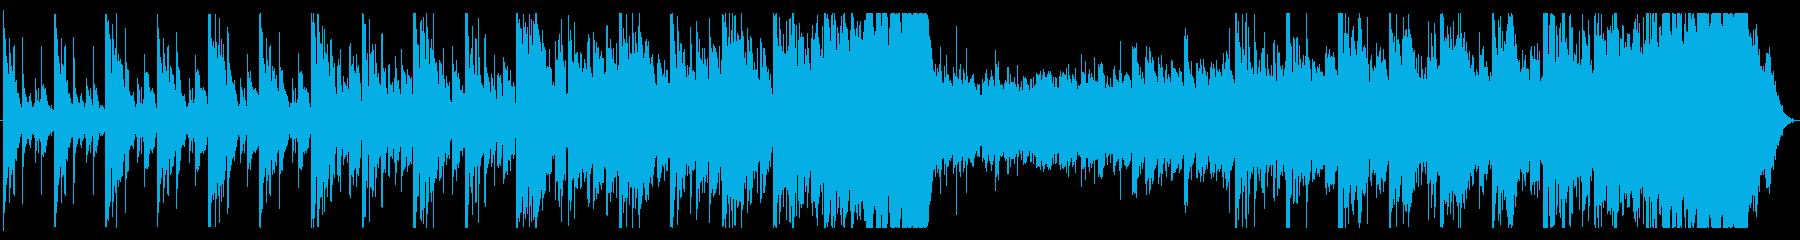 侍の勇壮な突撃をイメージした曲の再生済みの波形